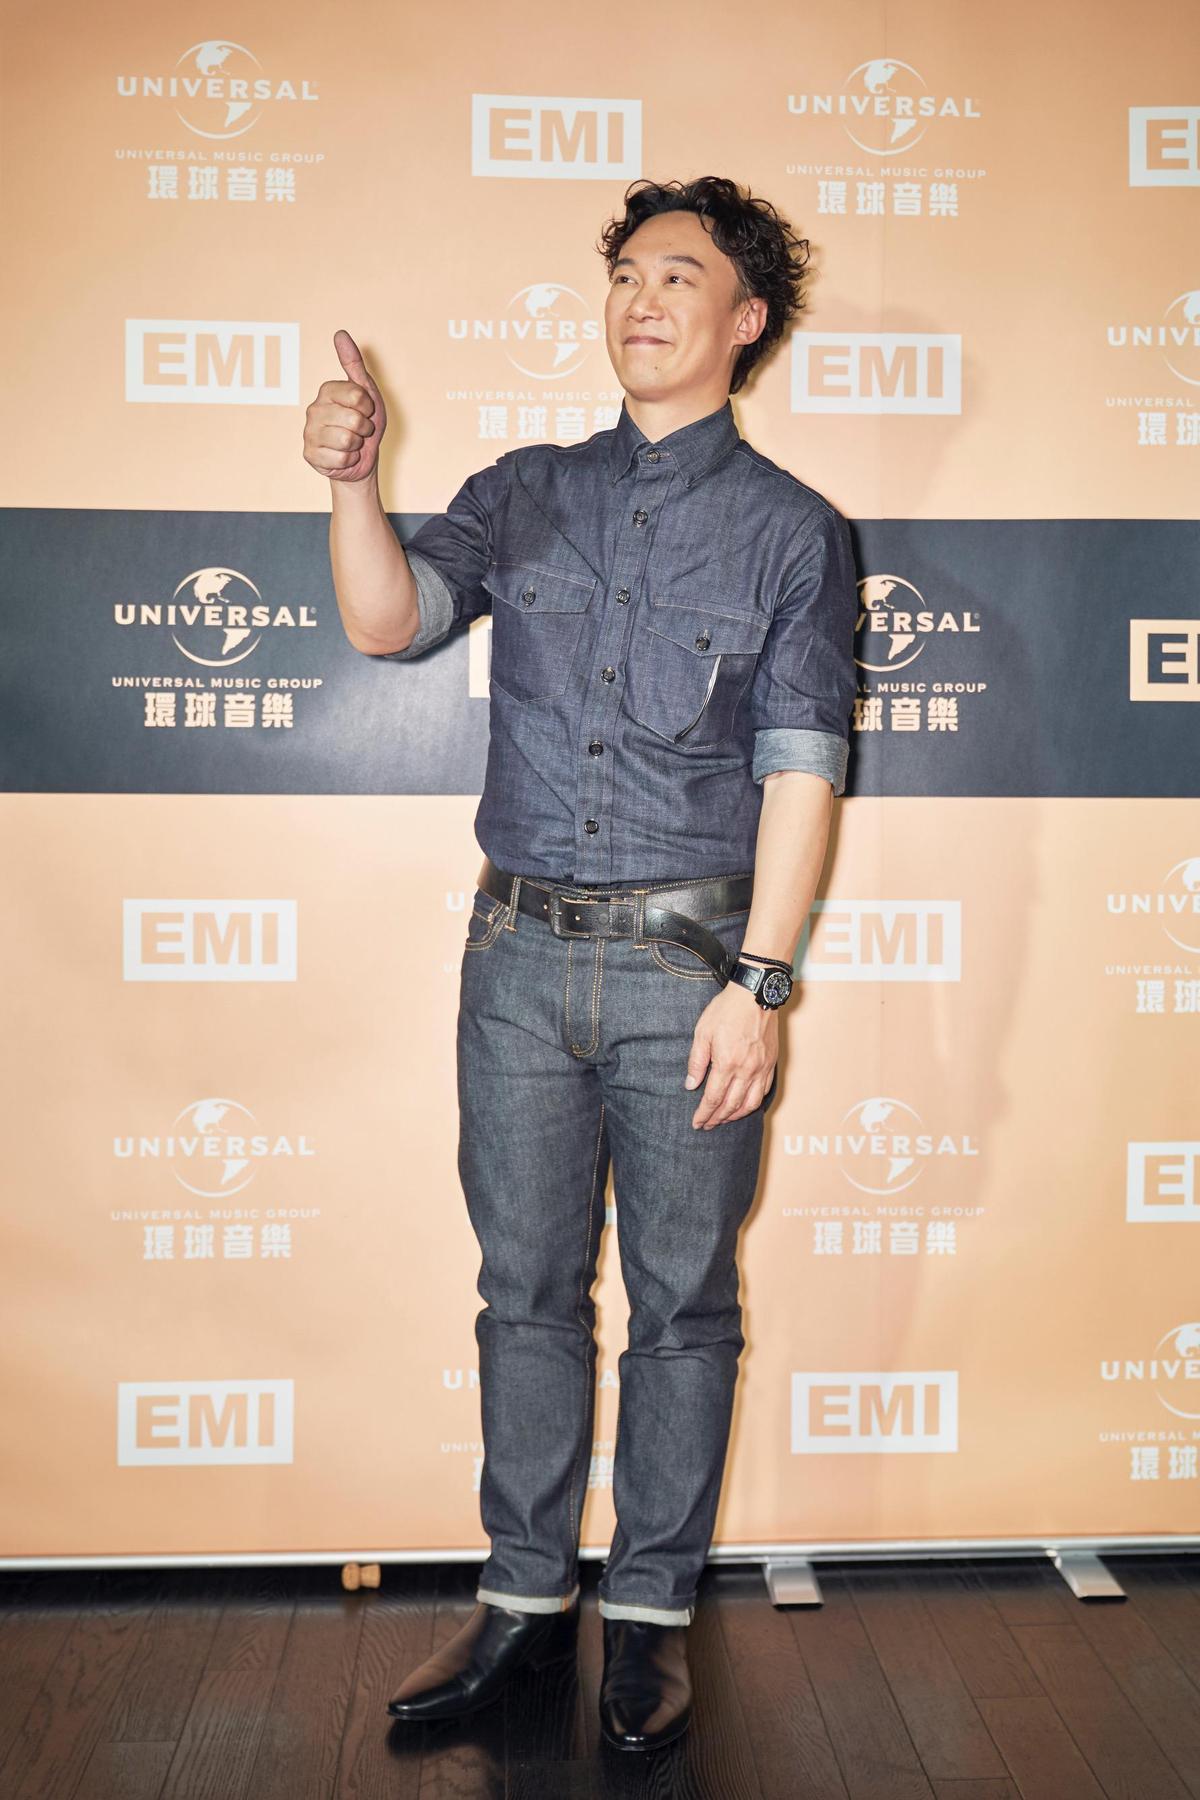 陳奕迅拿下本屆金曲歌王三度登峰,再推好久不見的粵語新歌,讓歌迷非常振奮。(環球EMI提供)